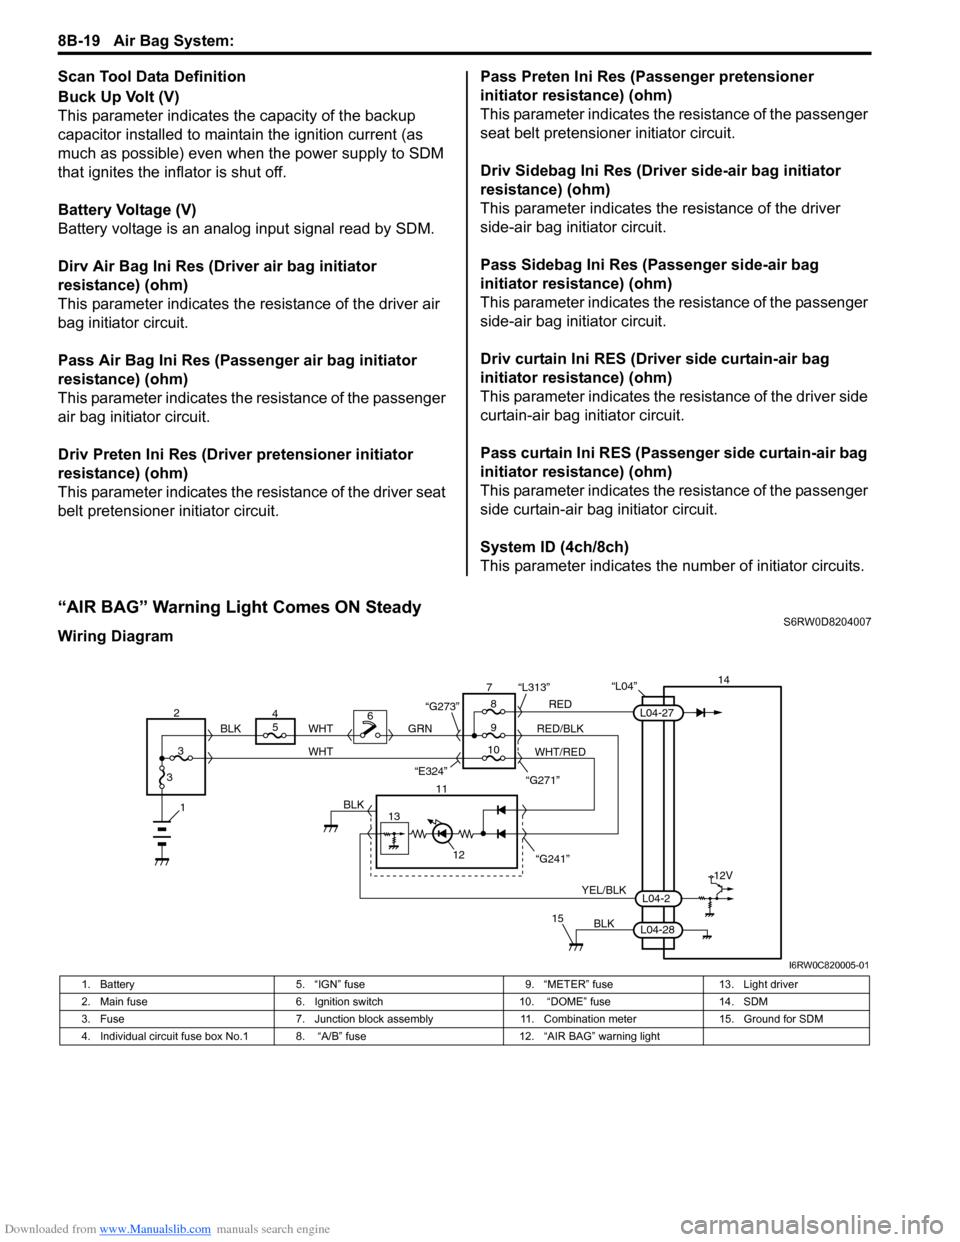 hight resolution of suzuki sx4 2006 1 g service workshop manual page 1058